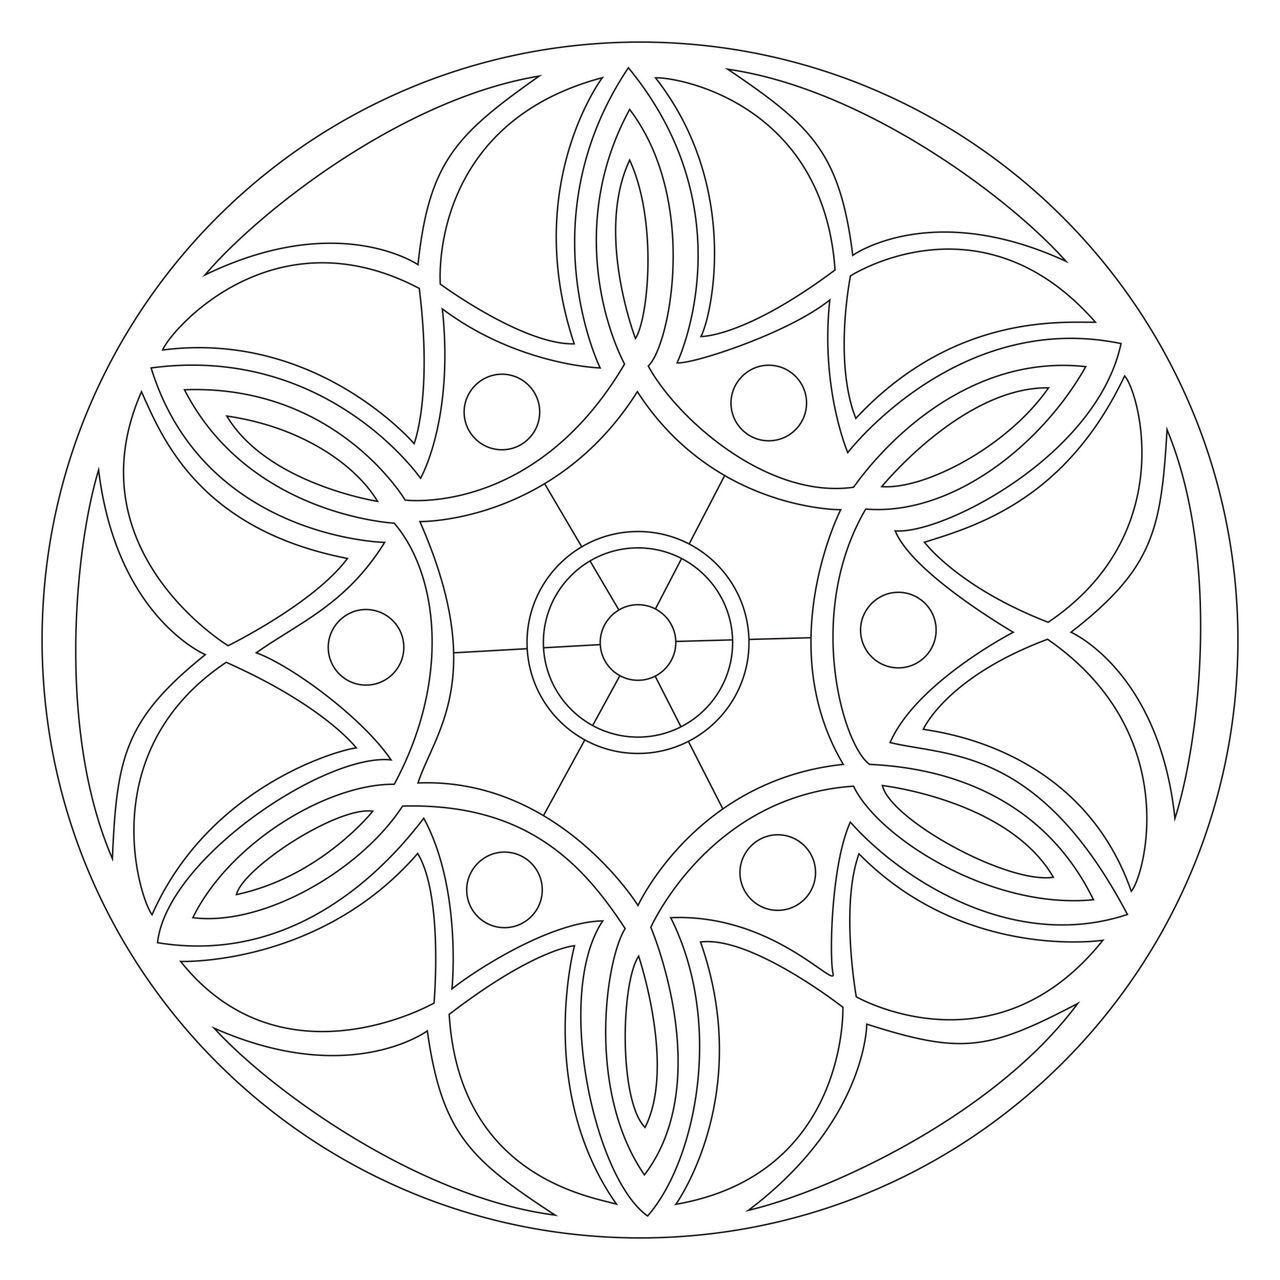 Круглые узоры Раскраски для взрослых антистресс